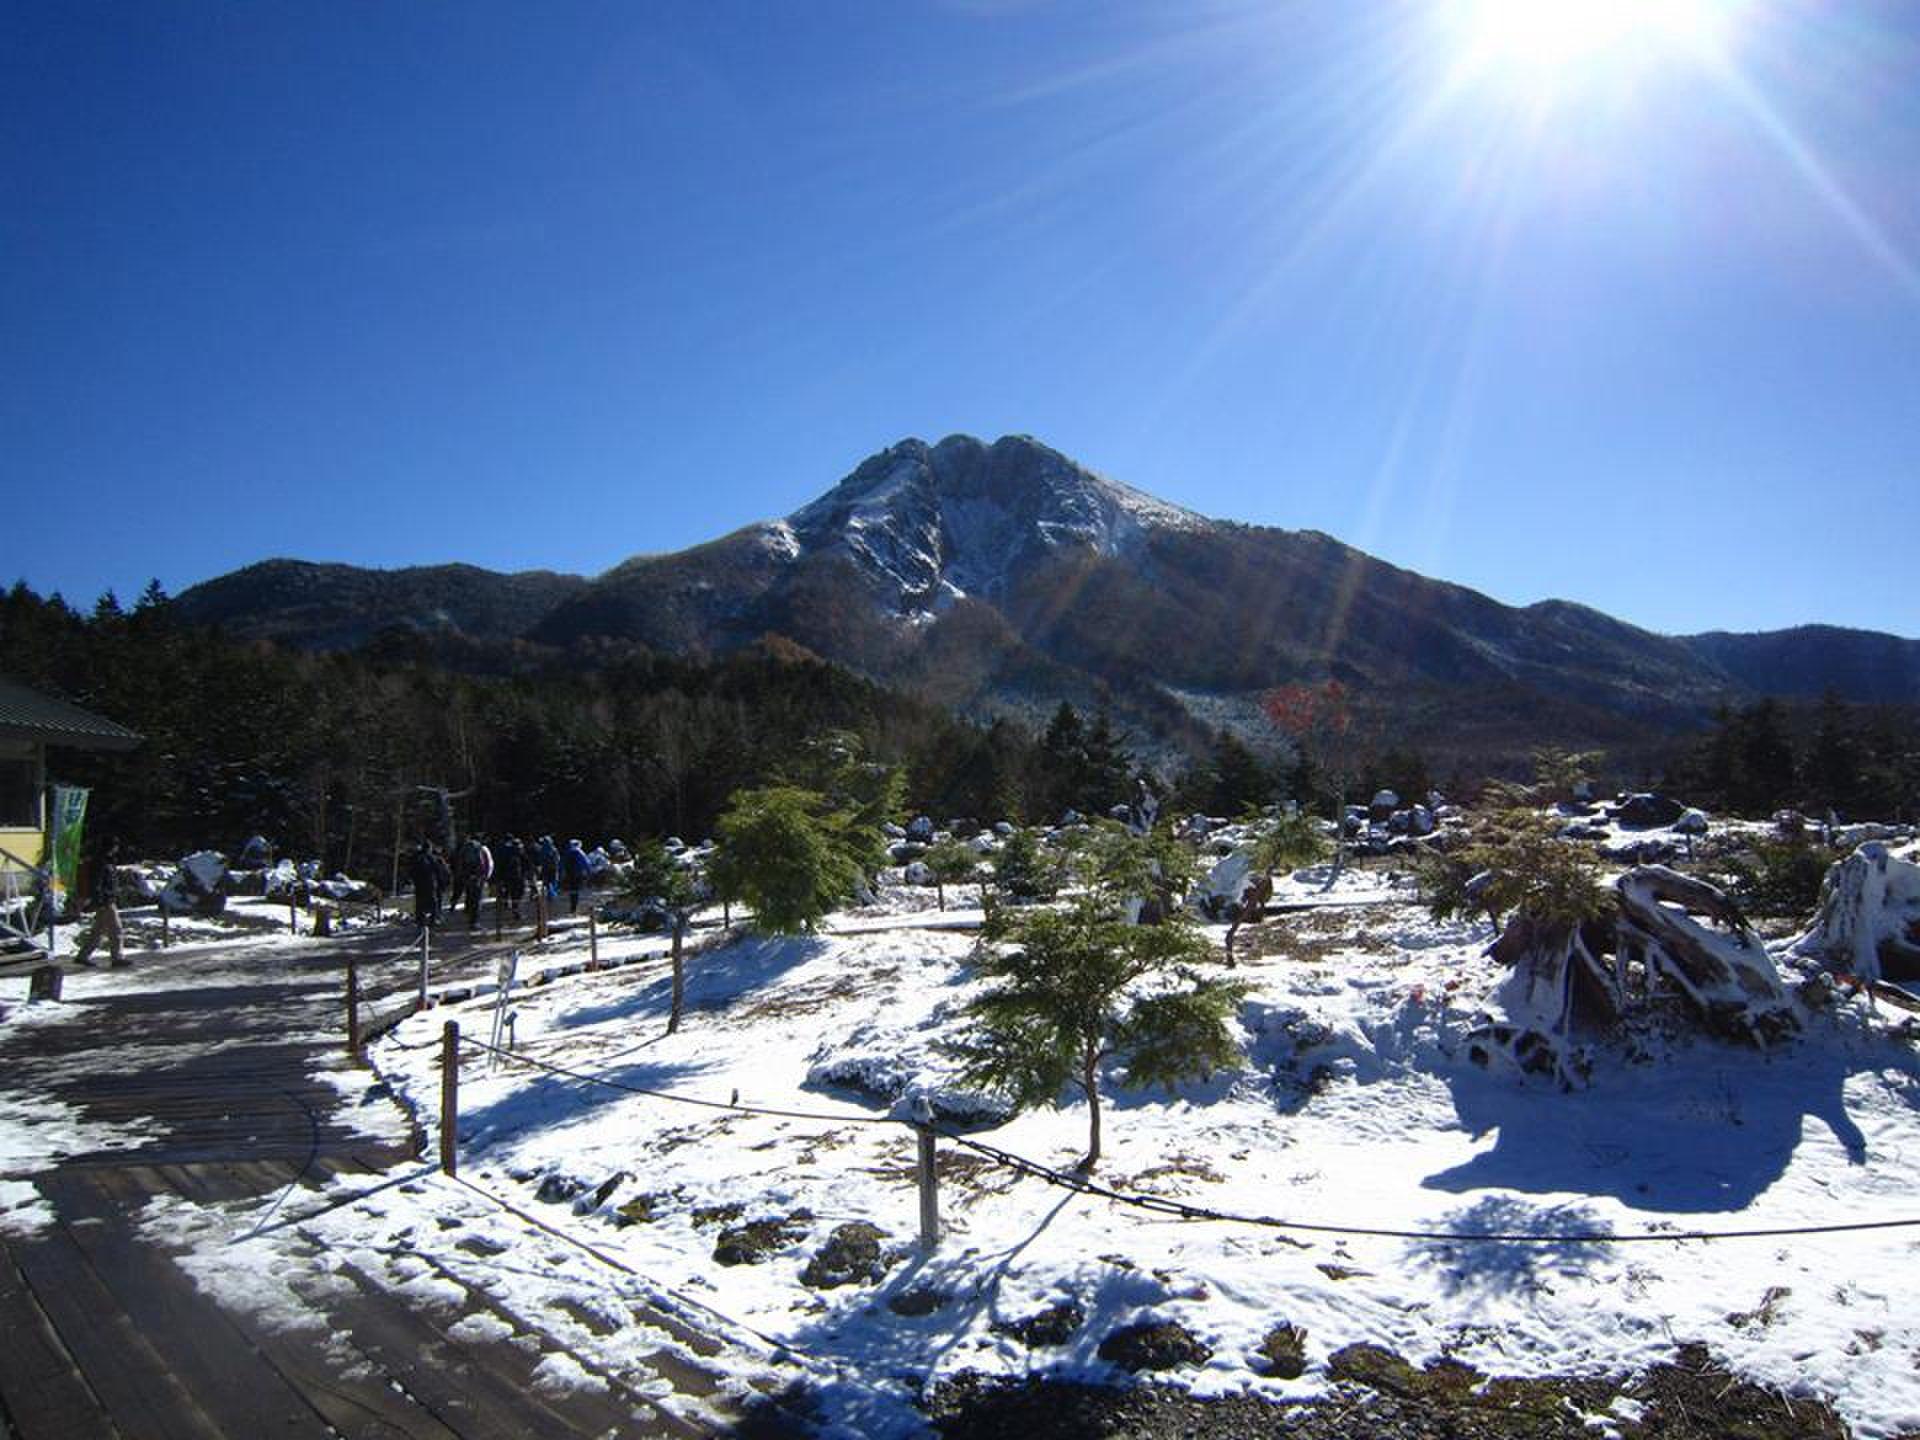 秋のおでかけやデートにおすすめ!初心者でも安心な『白根山』登山で山を満喫しよう!